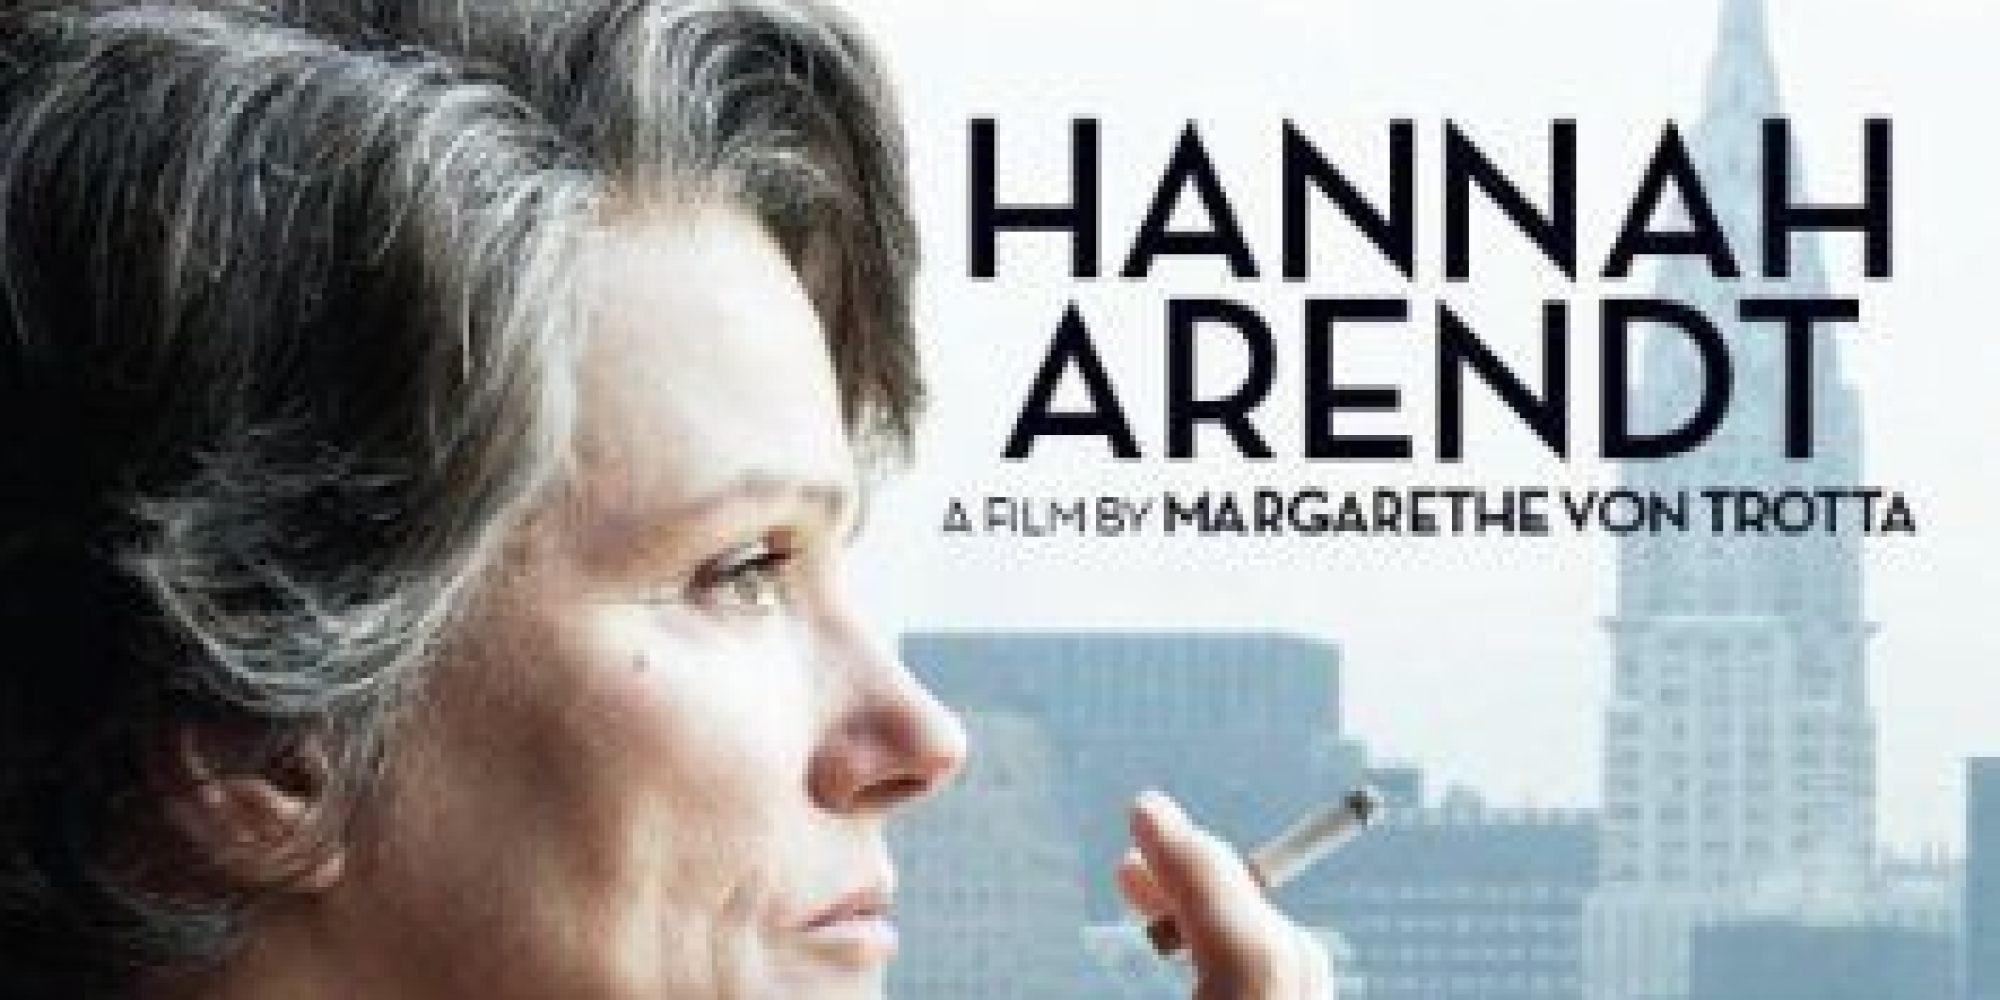 映画「ハンナ・アーレント」レビュー、思考し続ける大切さと意志の強さ シェア  映画「ハンナ・アー